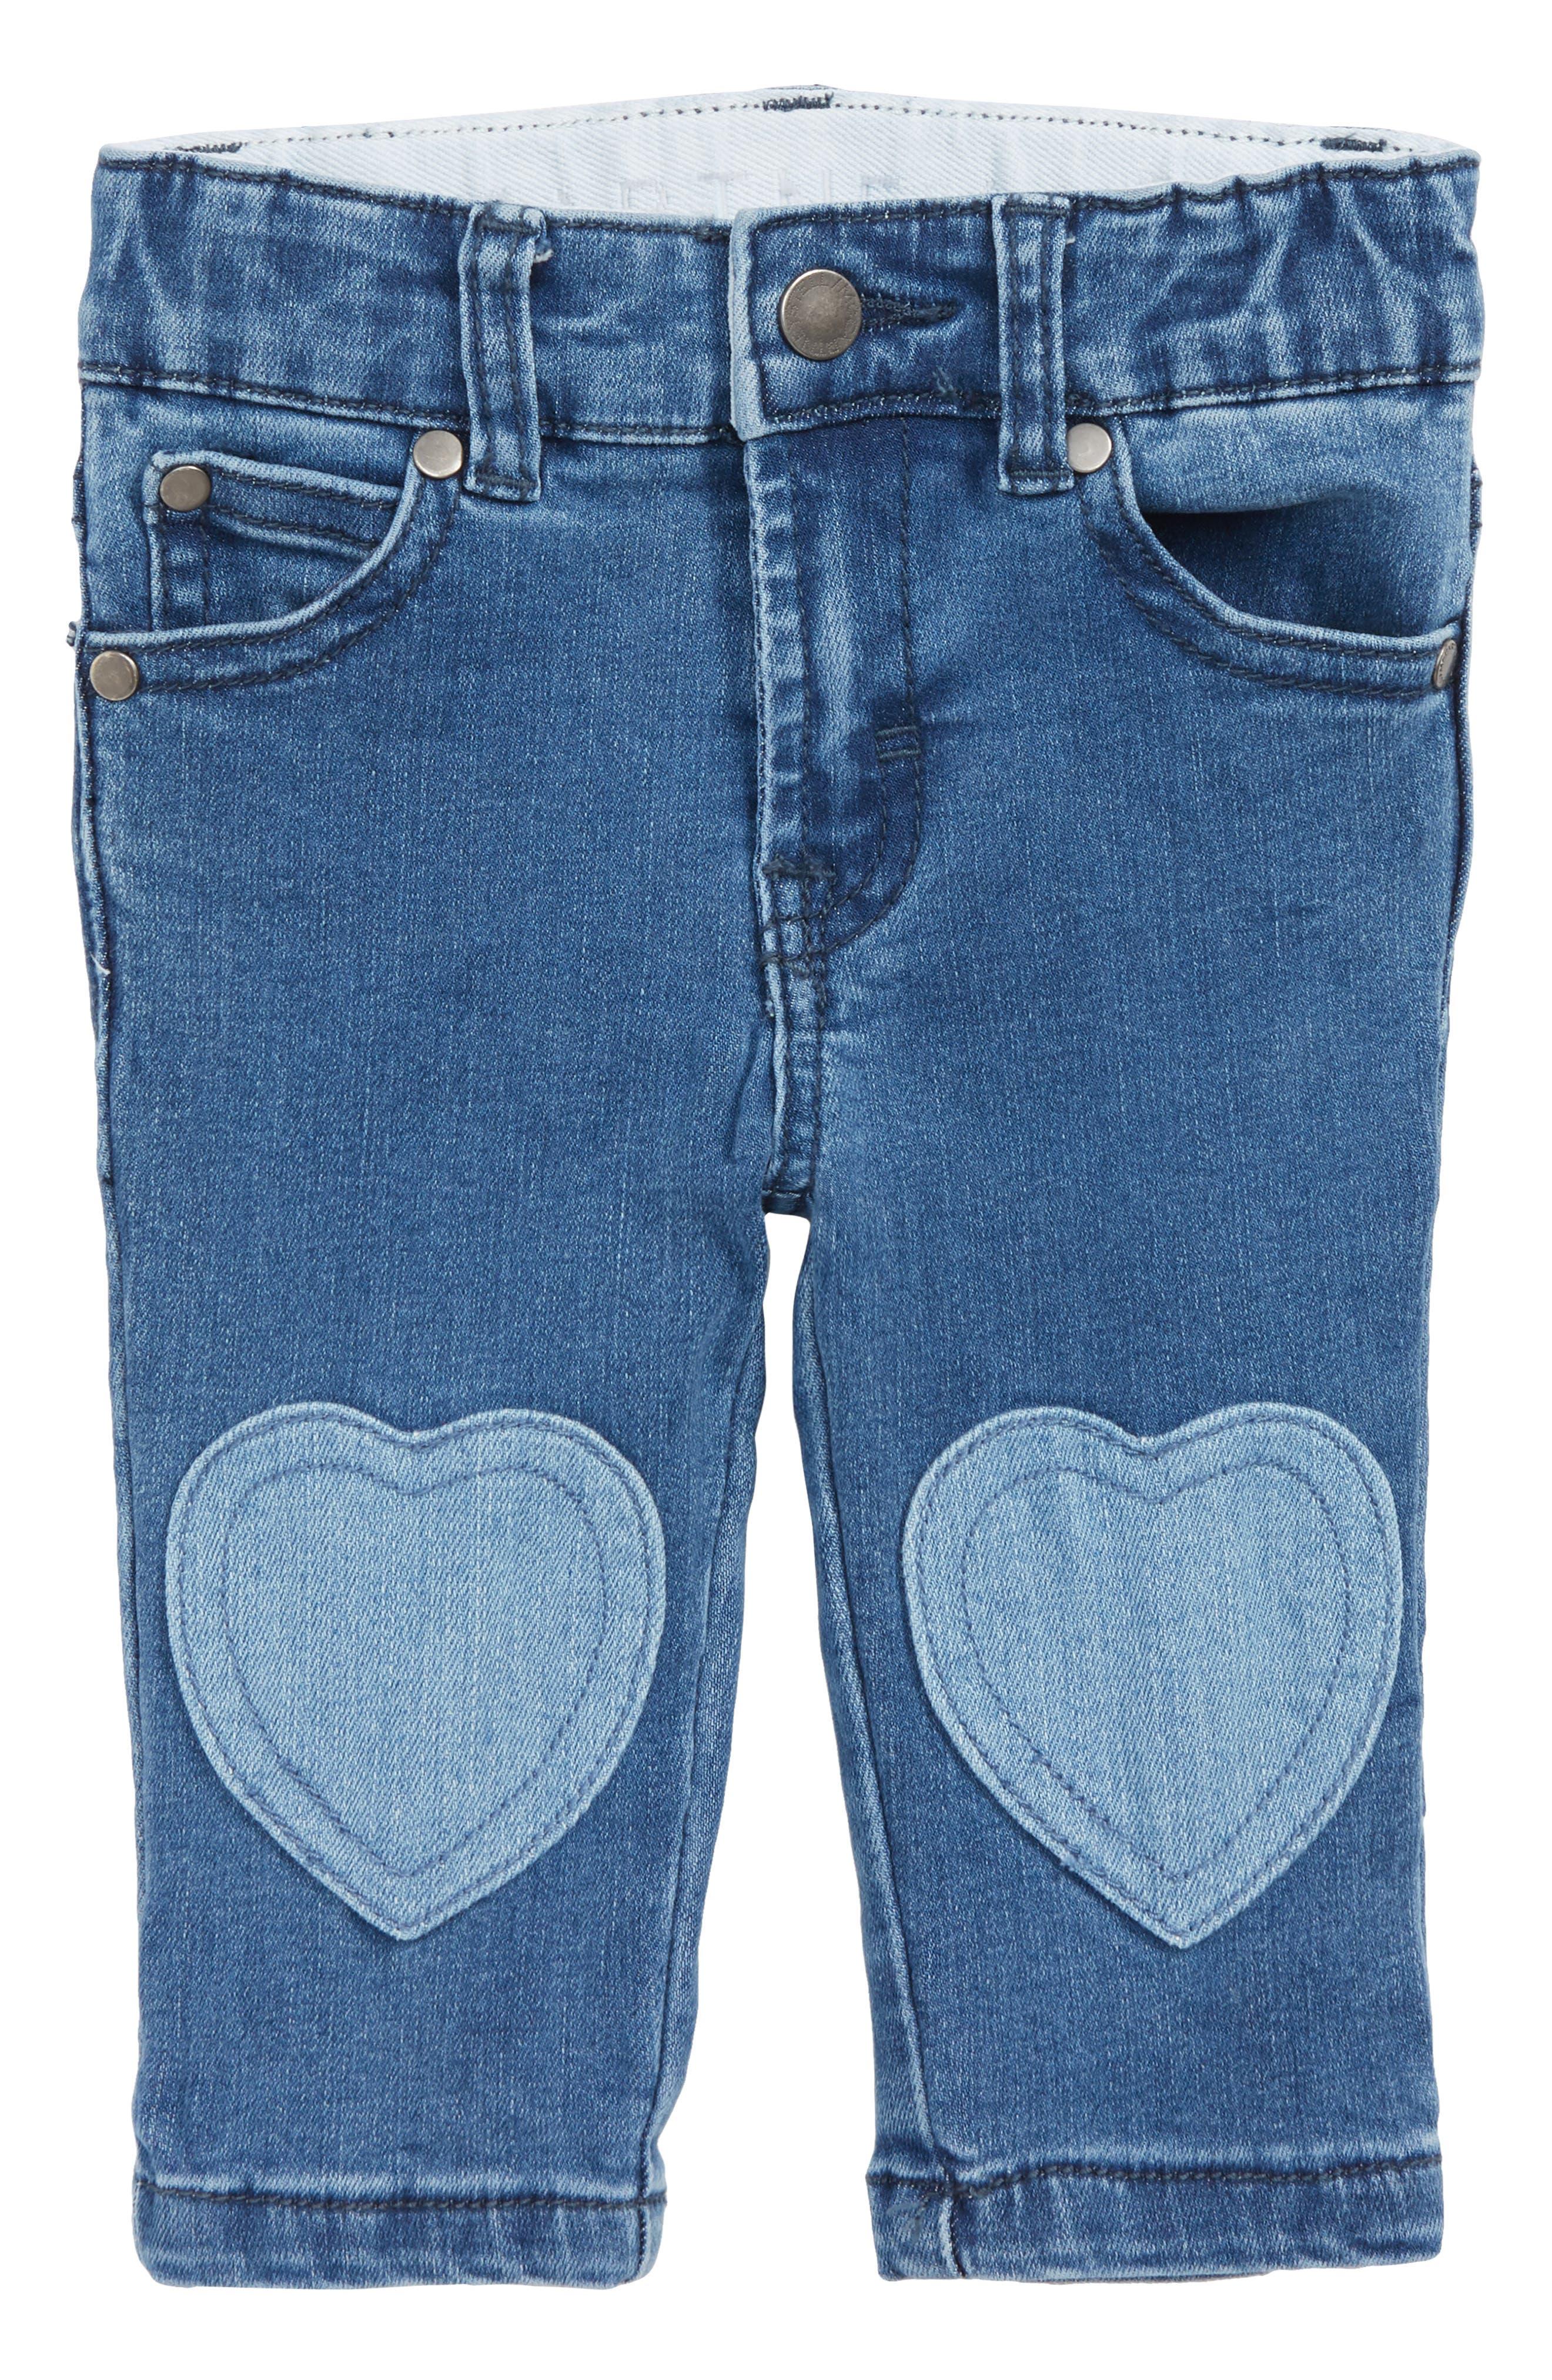 Bob Heart Patch Jeans,                             Main thumbnail 1, color,                             BLUE